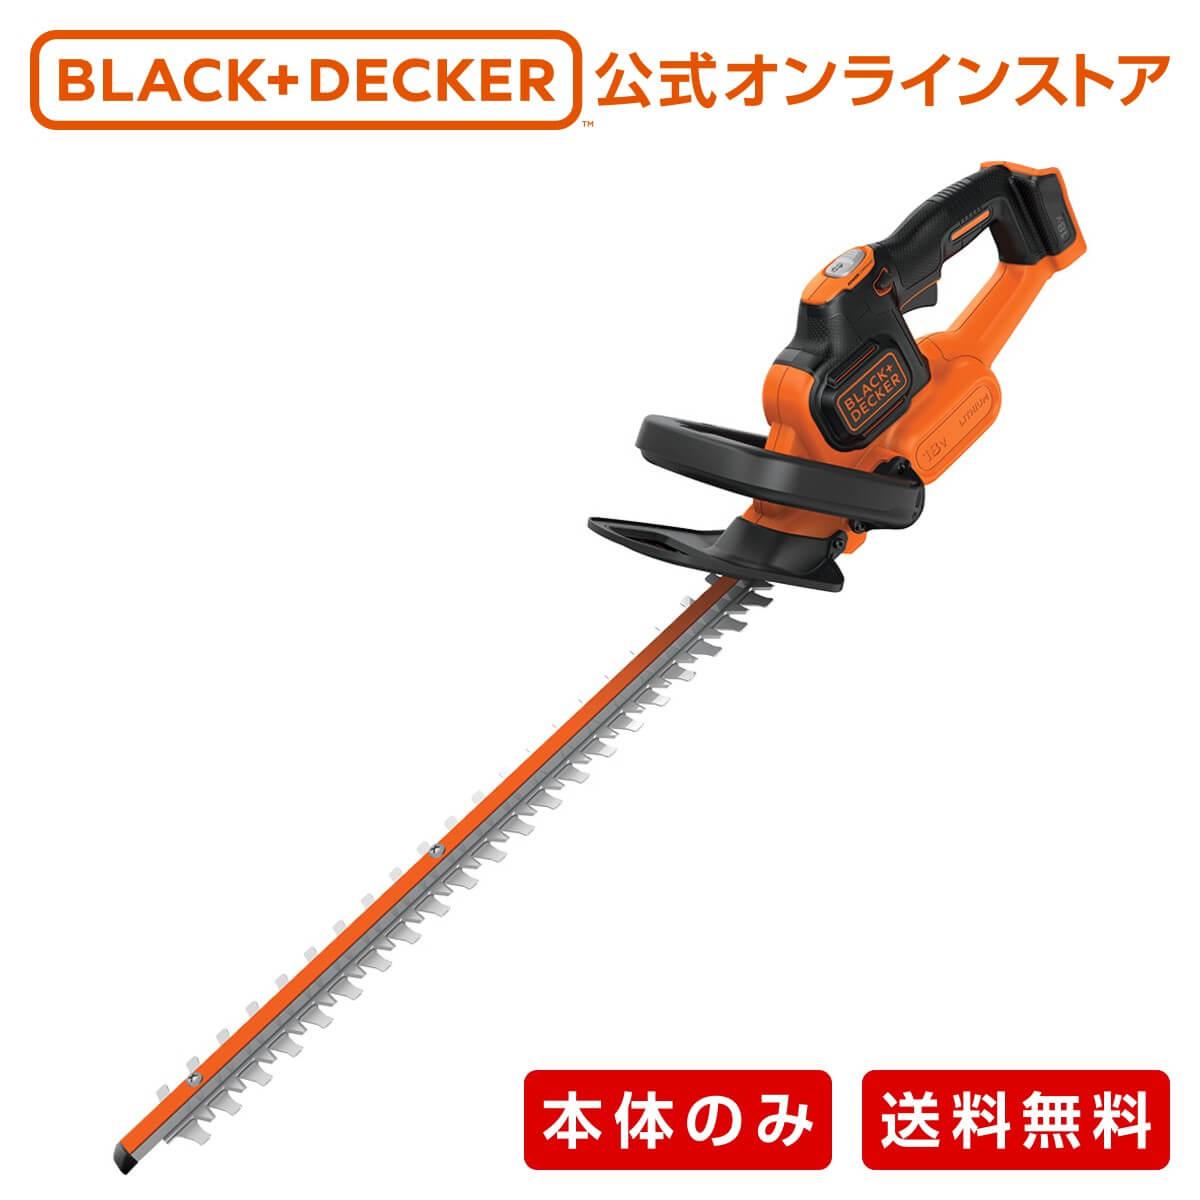 ブラックアンドデッカー (公式) GTC1850PCB 18V コードレス ヘッジトリマー 充電式 本体のみ 正規品 保証付き